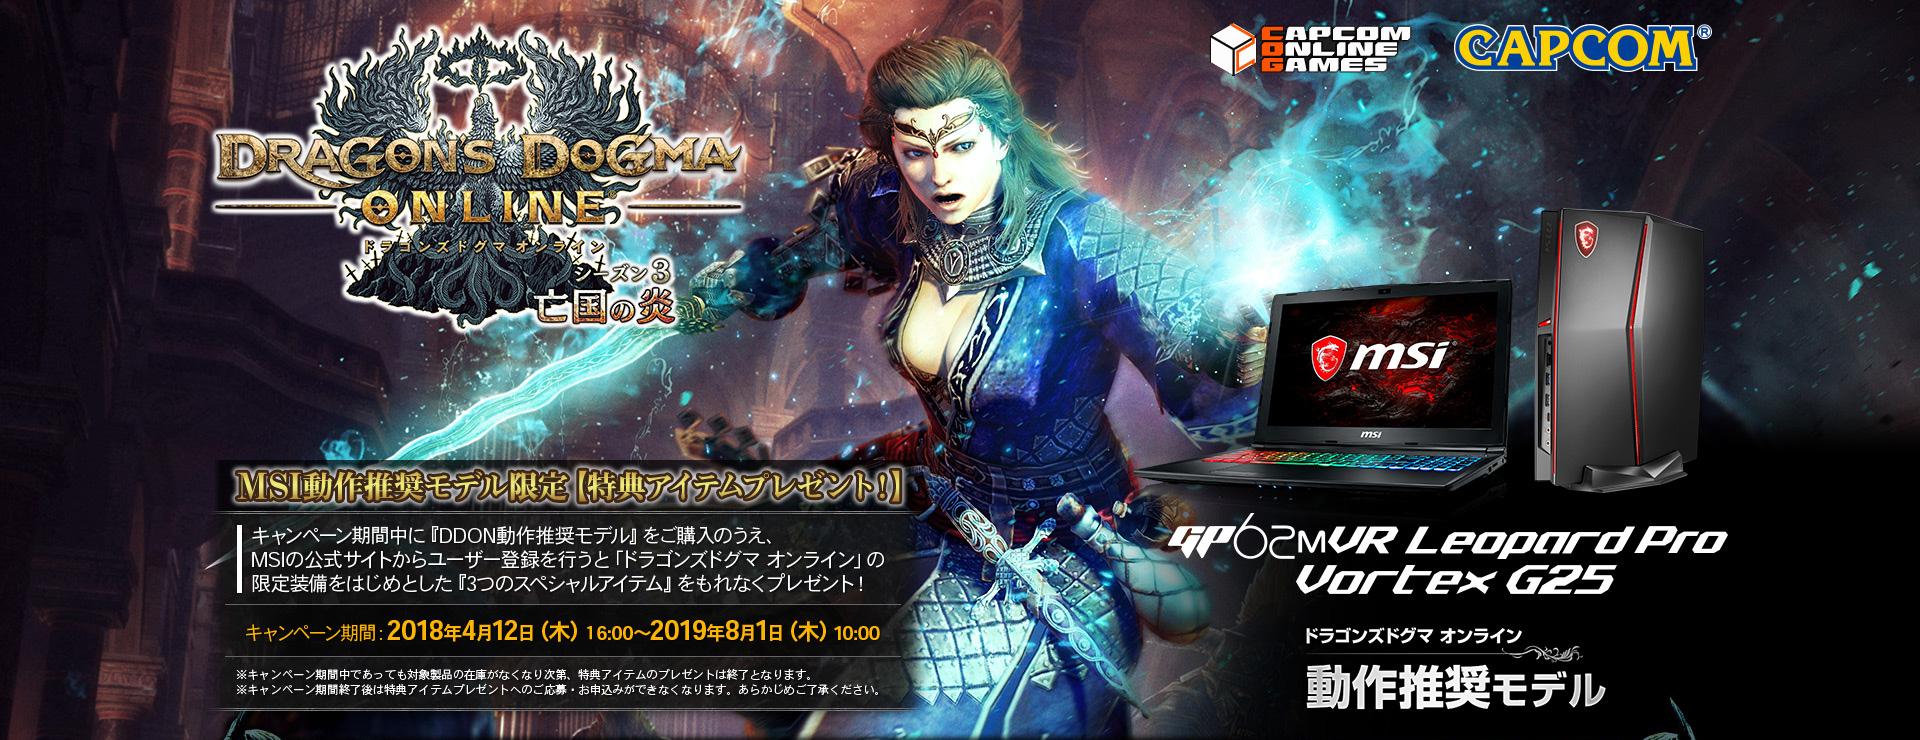 Msi X Capcom ドラゴンズドグマ オンライン Ddon 動作推奨ゲーミングノートpc購入特典 エムエスアイコンピュータージャパン